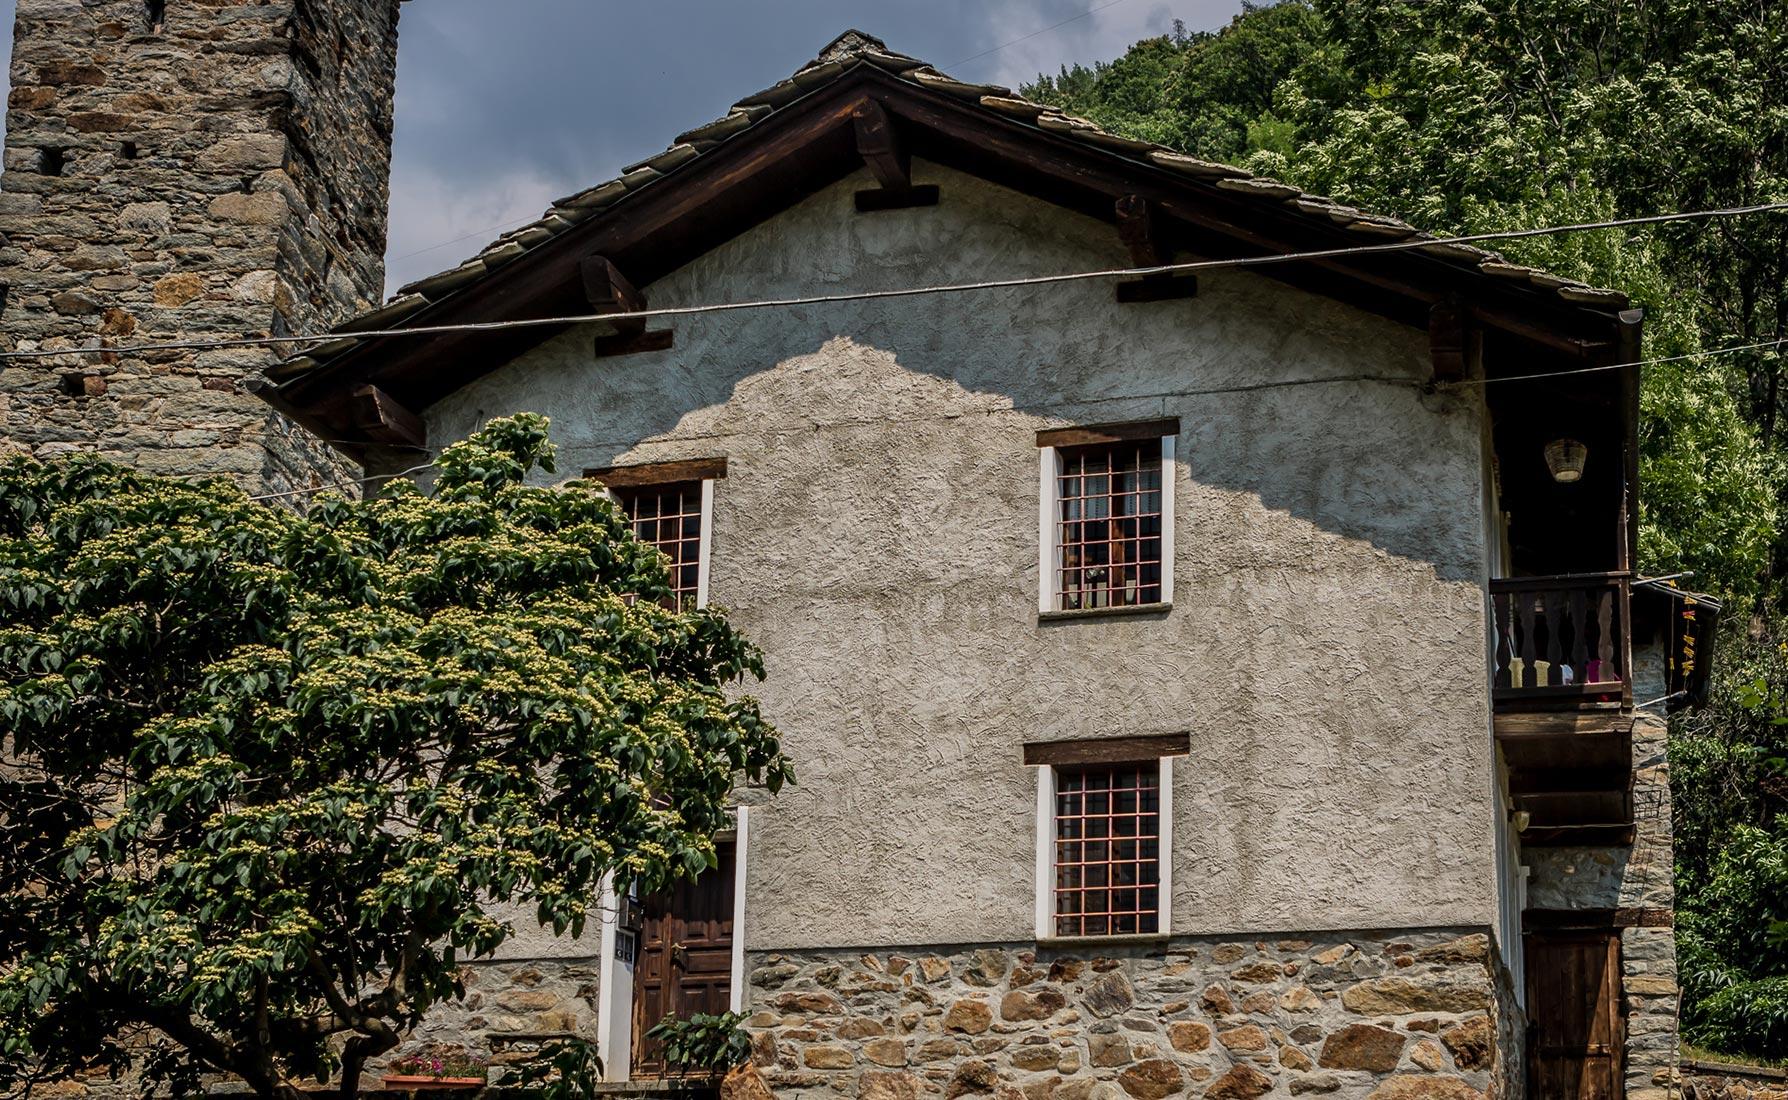 La prima scuola elementare edificata in Valle d'Aosta - Località Planaz